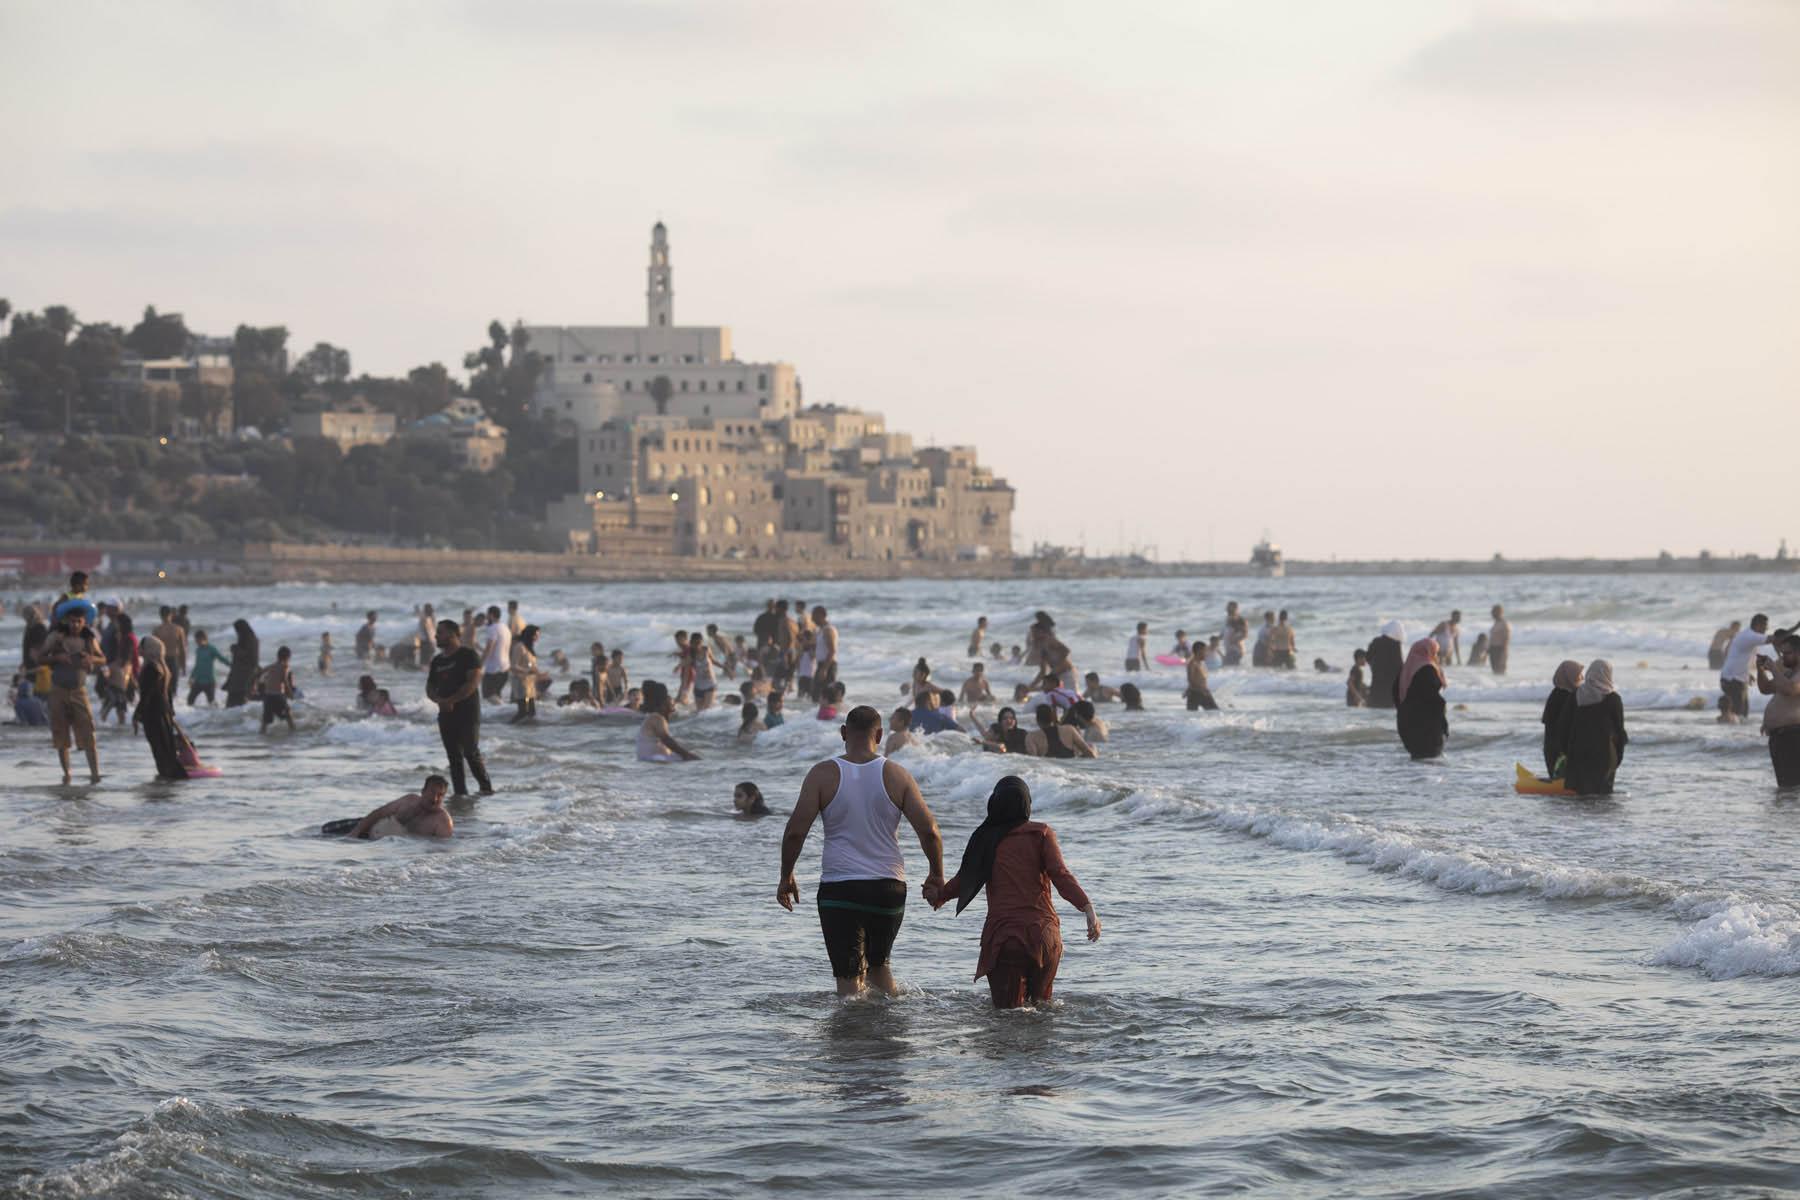 פלסטינים מבלים בחוף הים ביפו בסוף השבוע (צילום: אורן זיו)